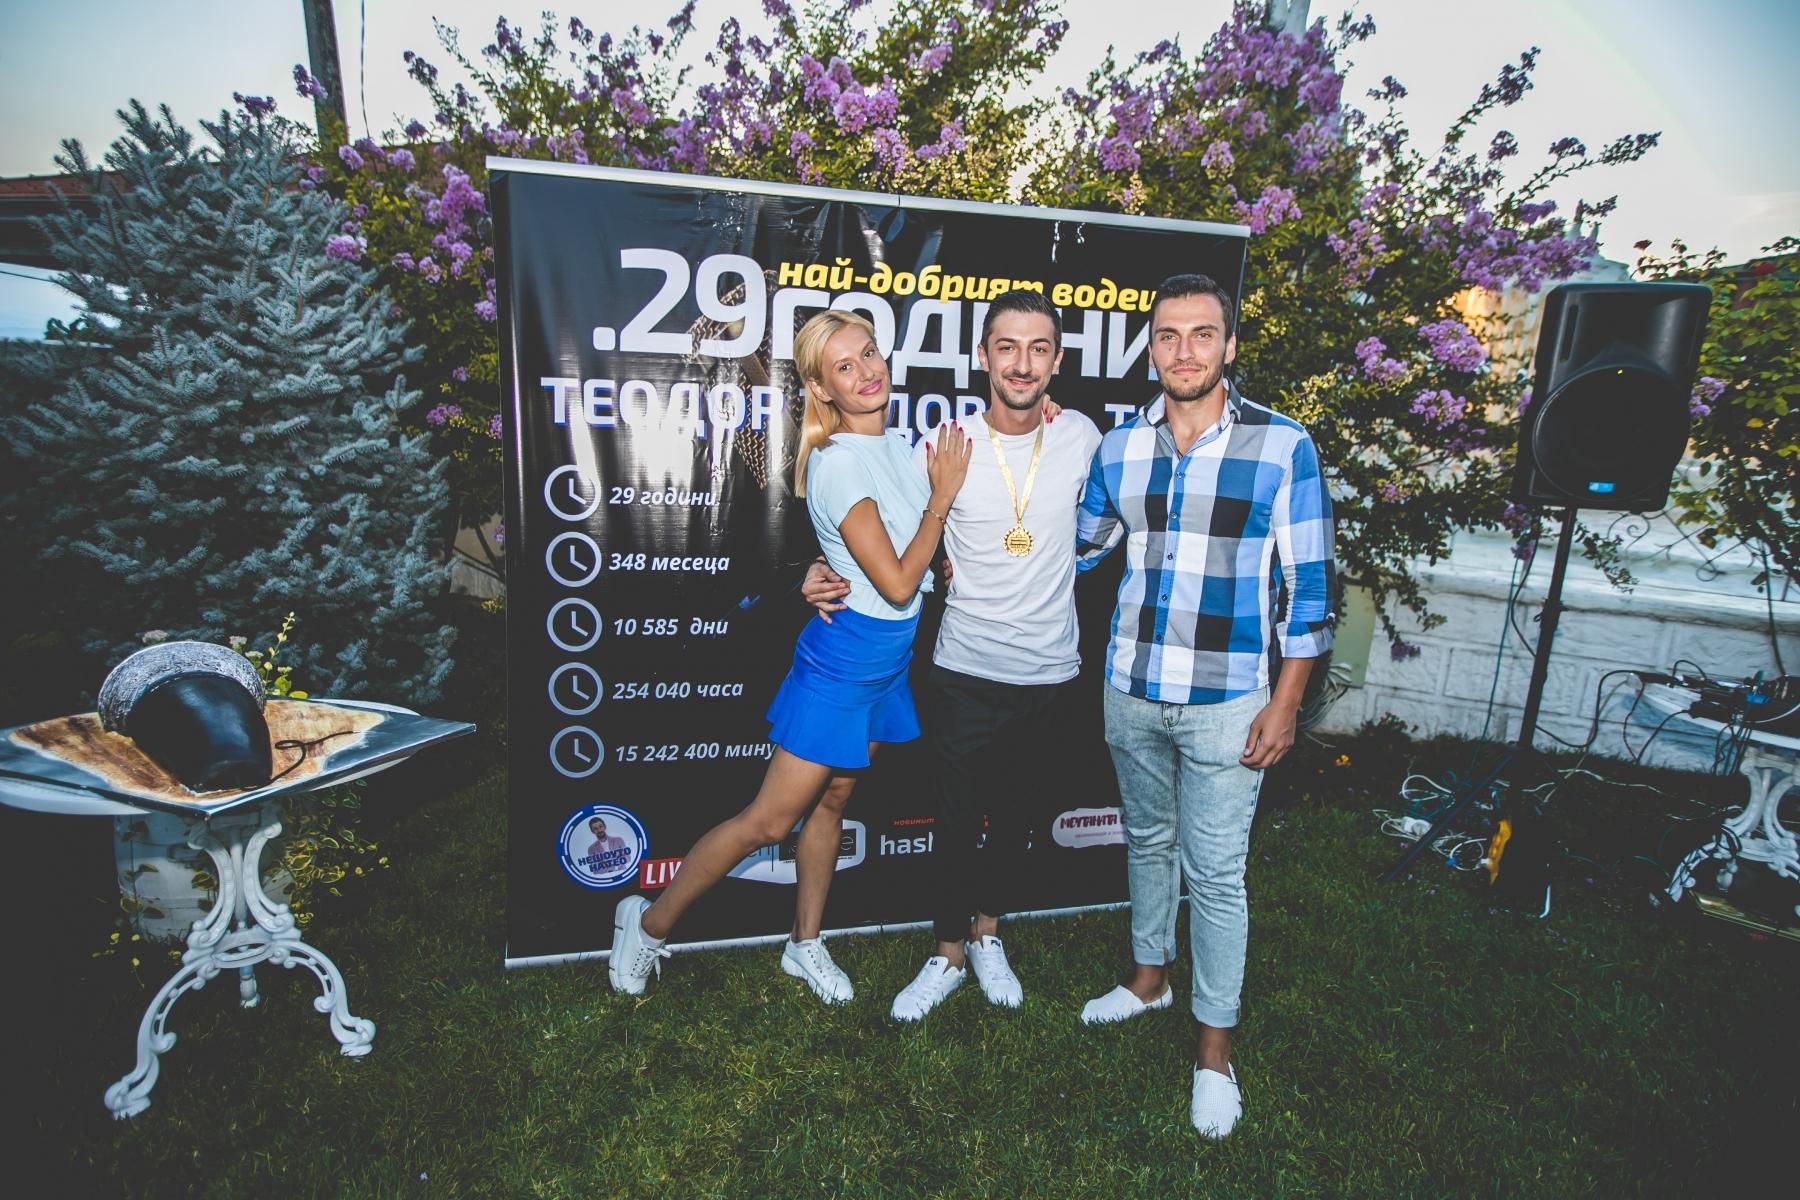 Усмивки от екипът на Event NewLive Agency - Честит Рожден Ден, Теодор Тодоров - Тео